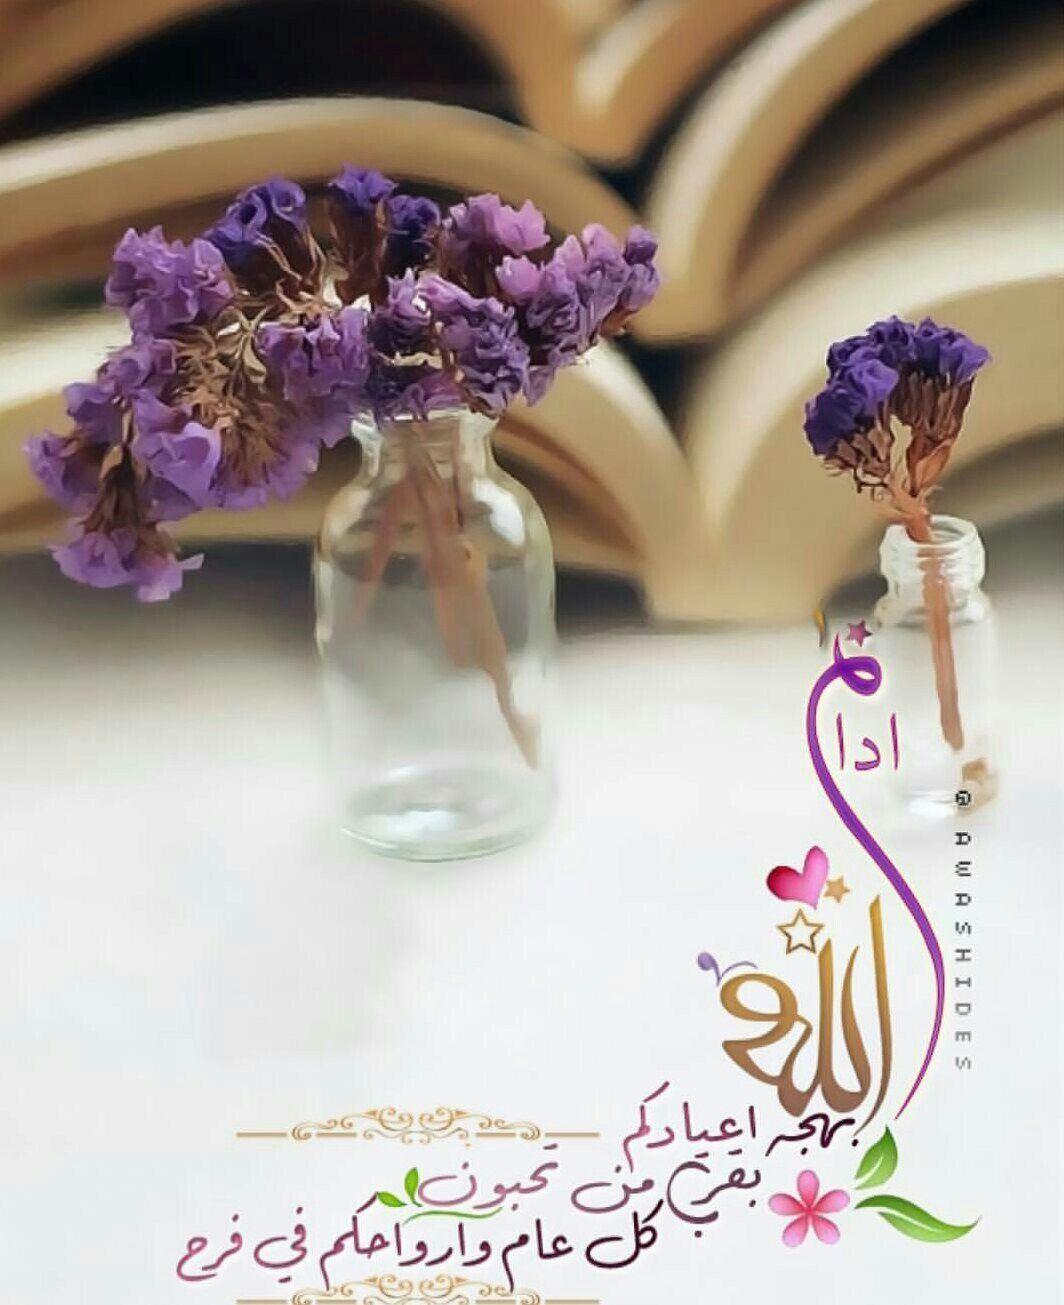 رسائل تهنئة عيد الفطر المبارك للأصدقاء